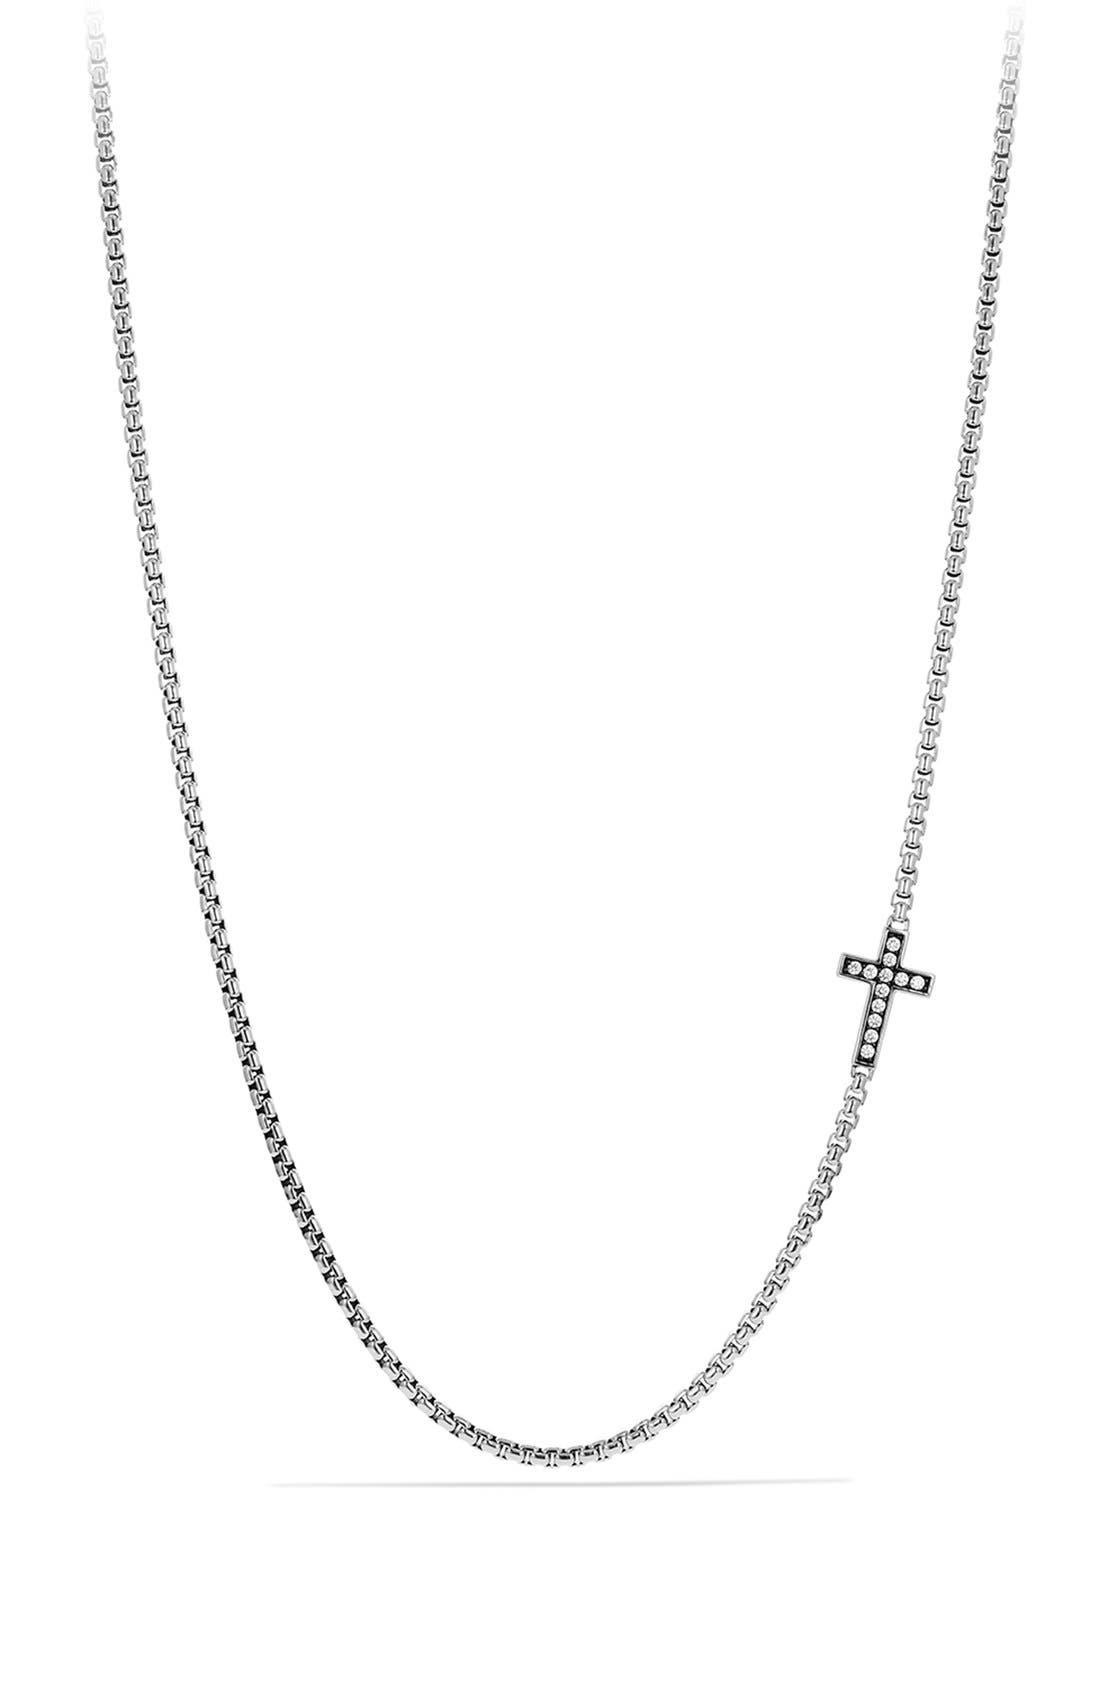 DAVID YURMAN Pavé Cross Necklace with Diamonds